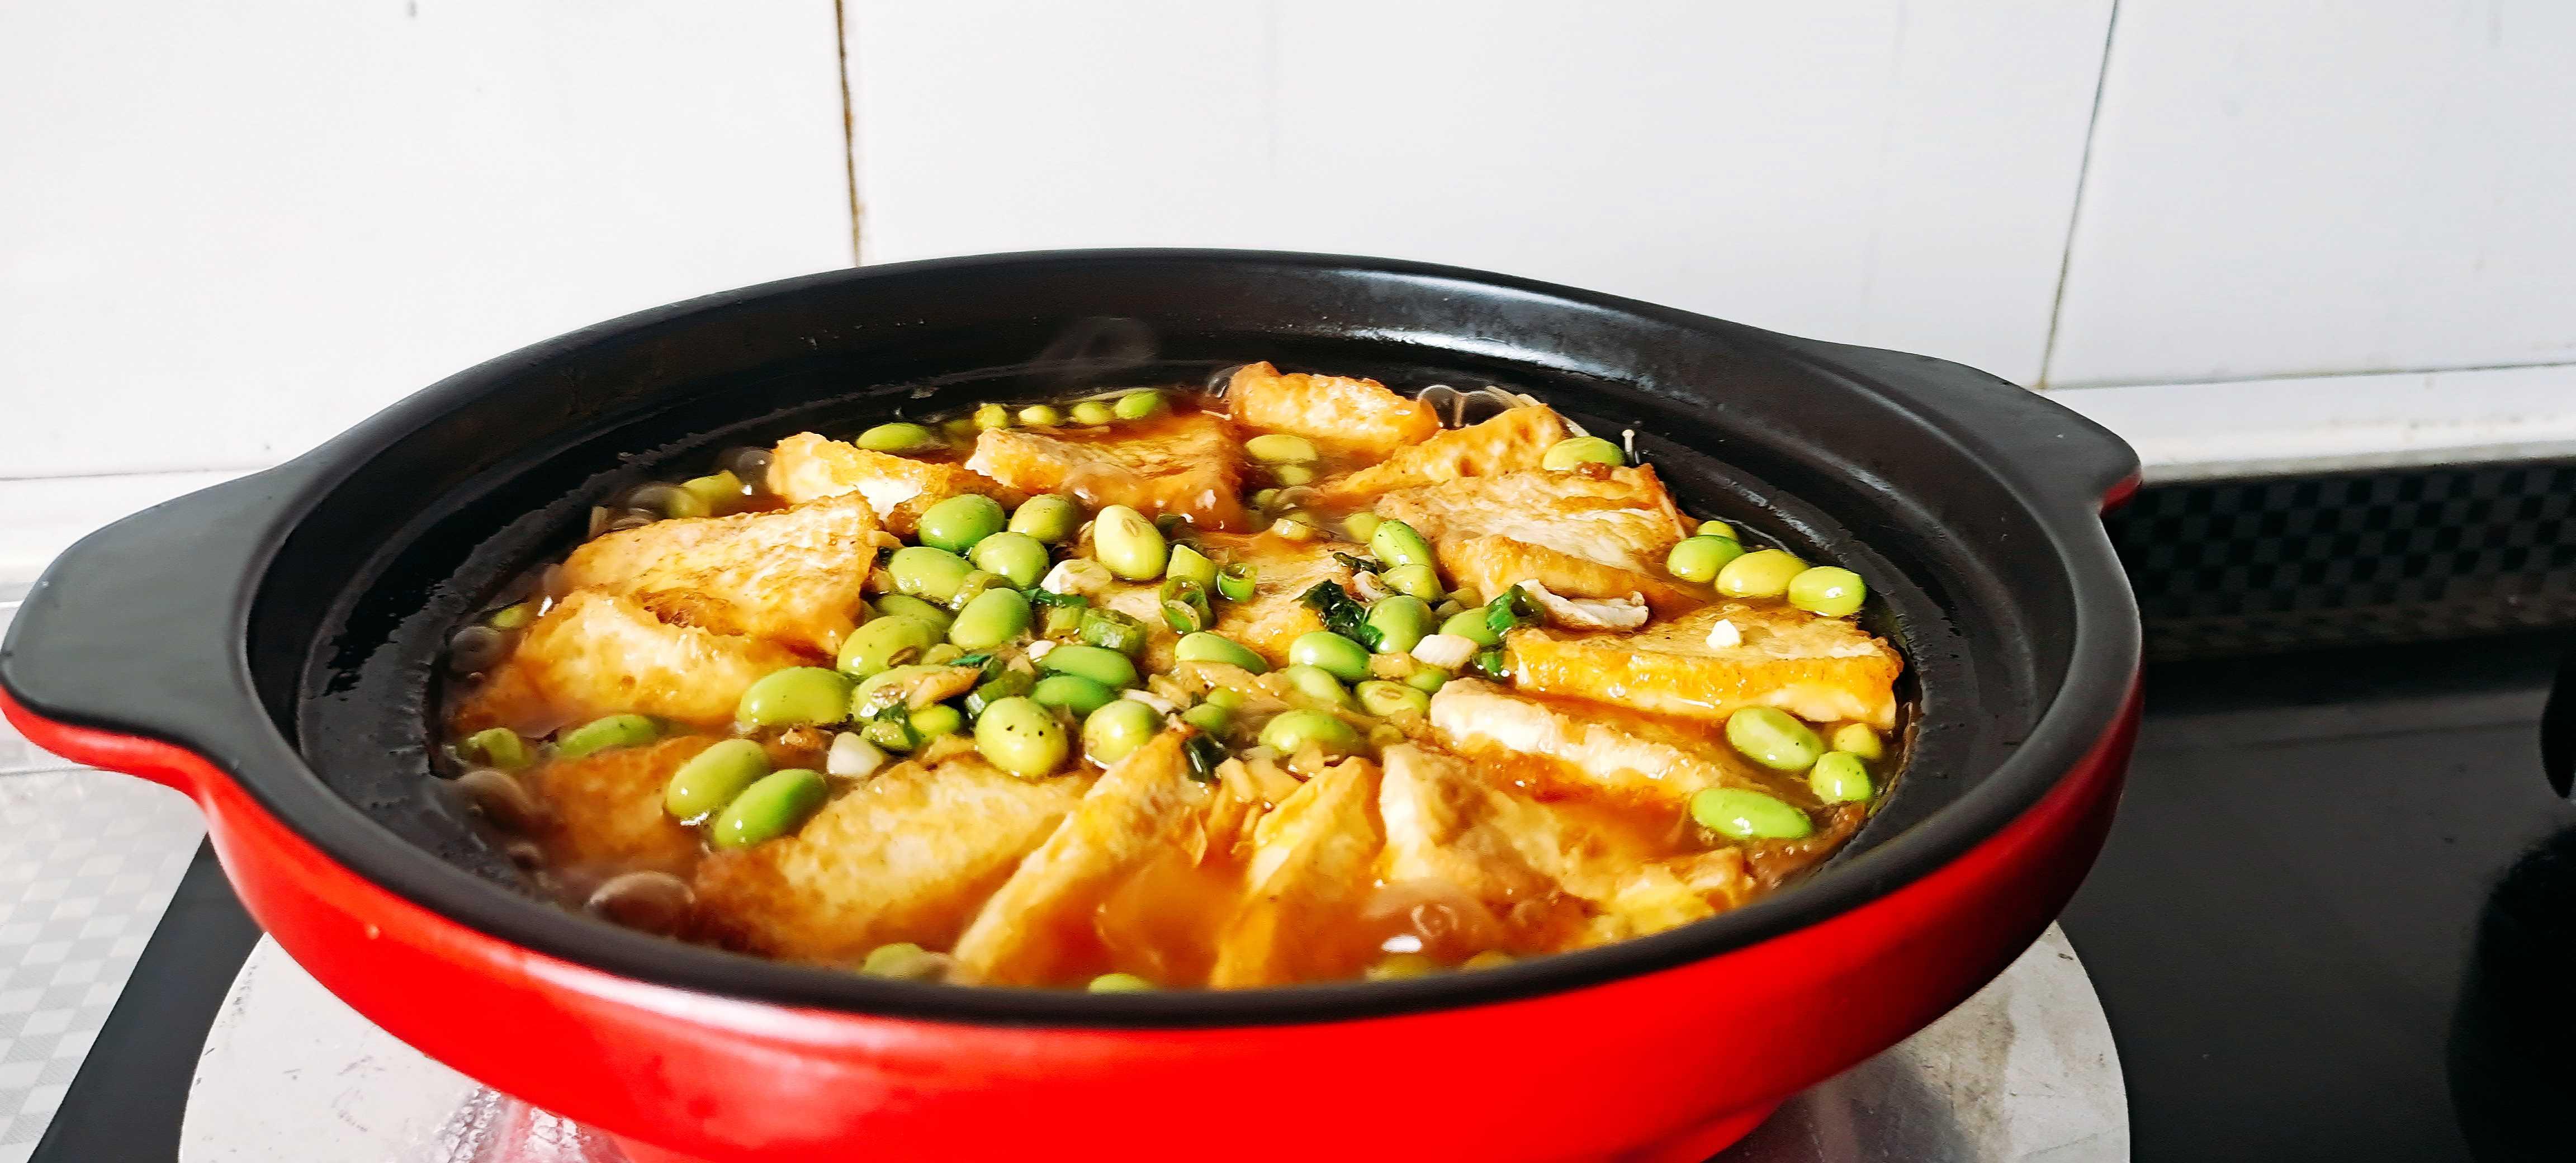 秋冬这样吃豆腐,暖身又下饭…金针豆腐煲怎样煸